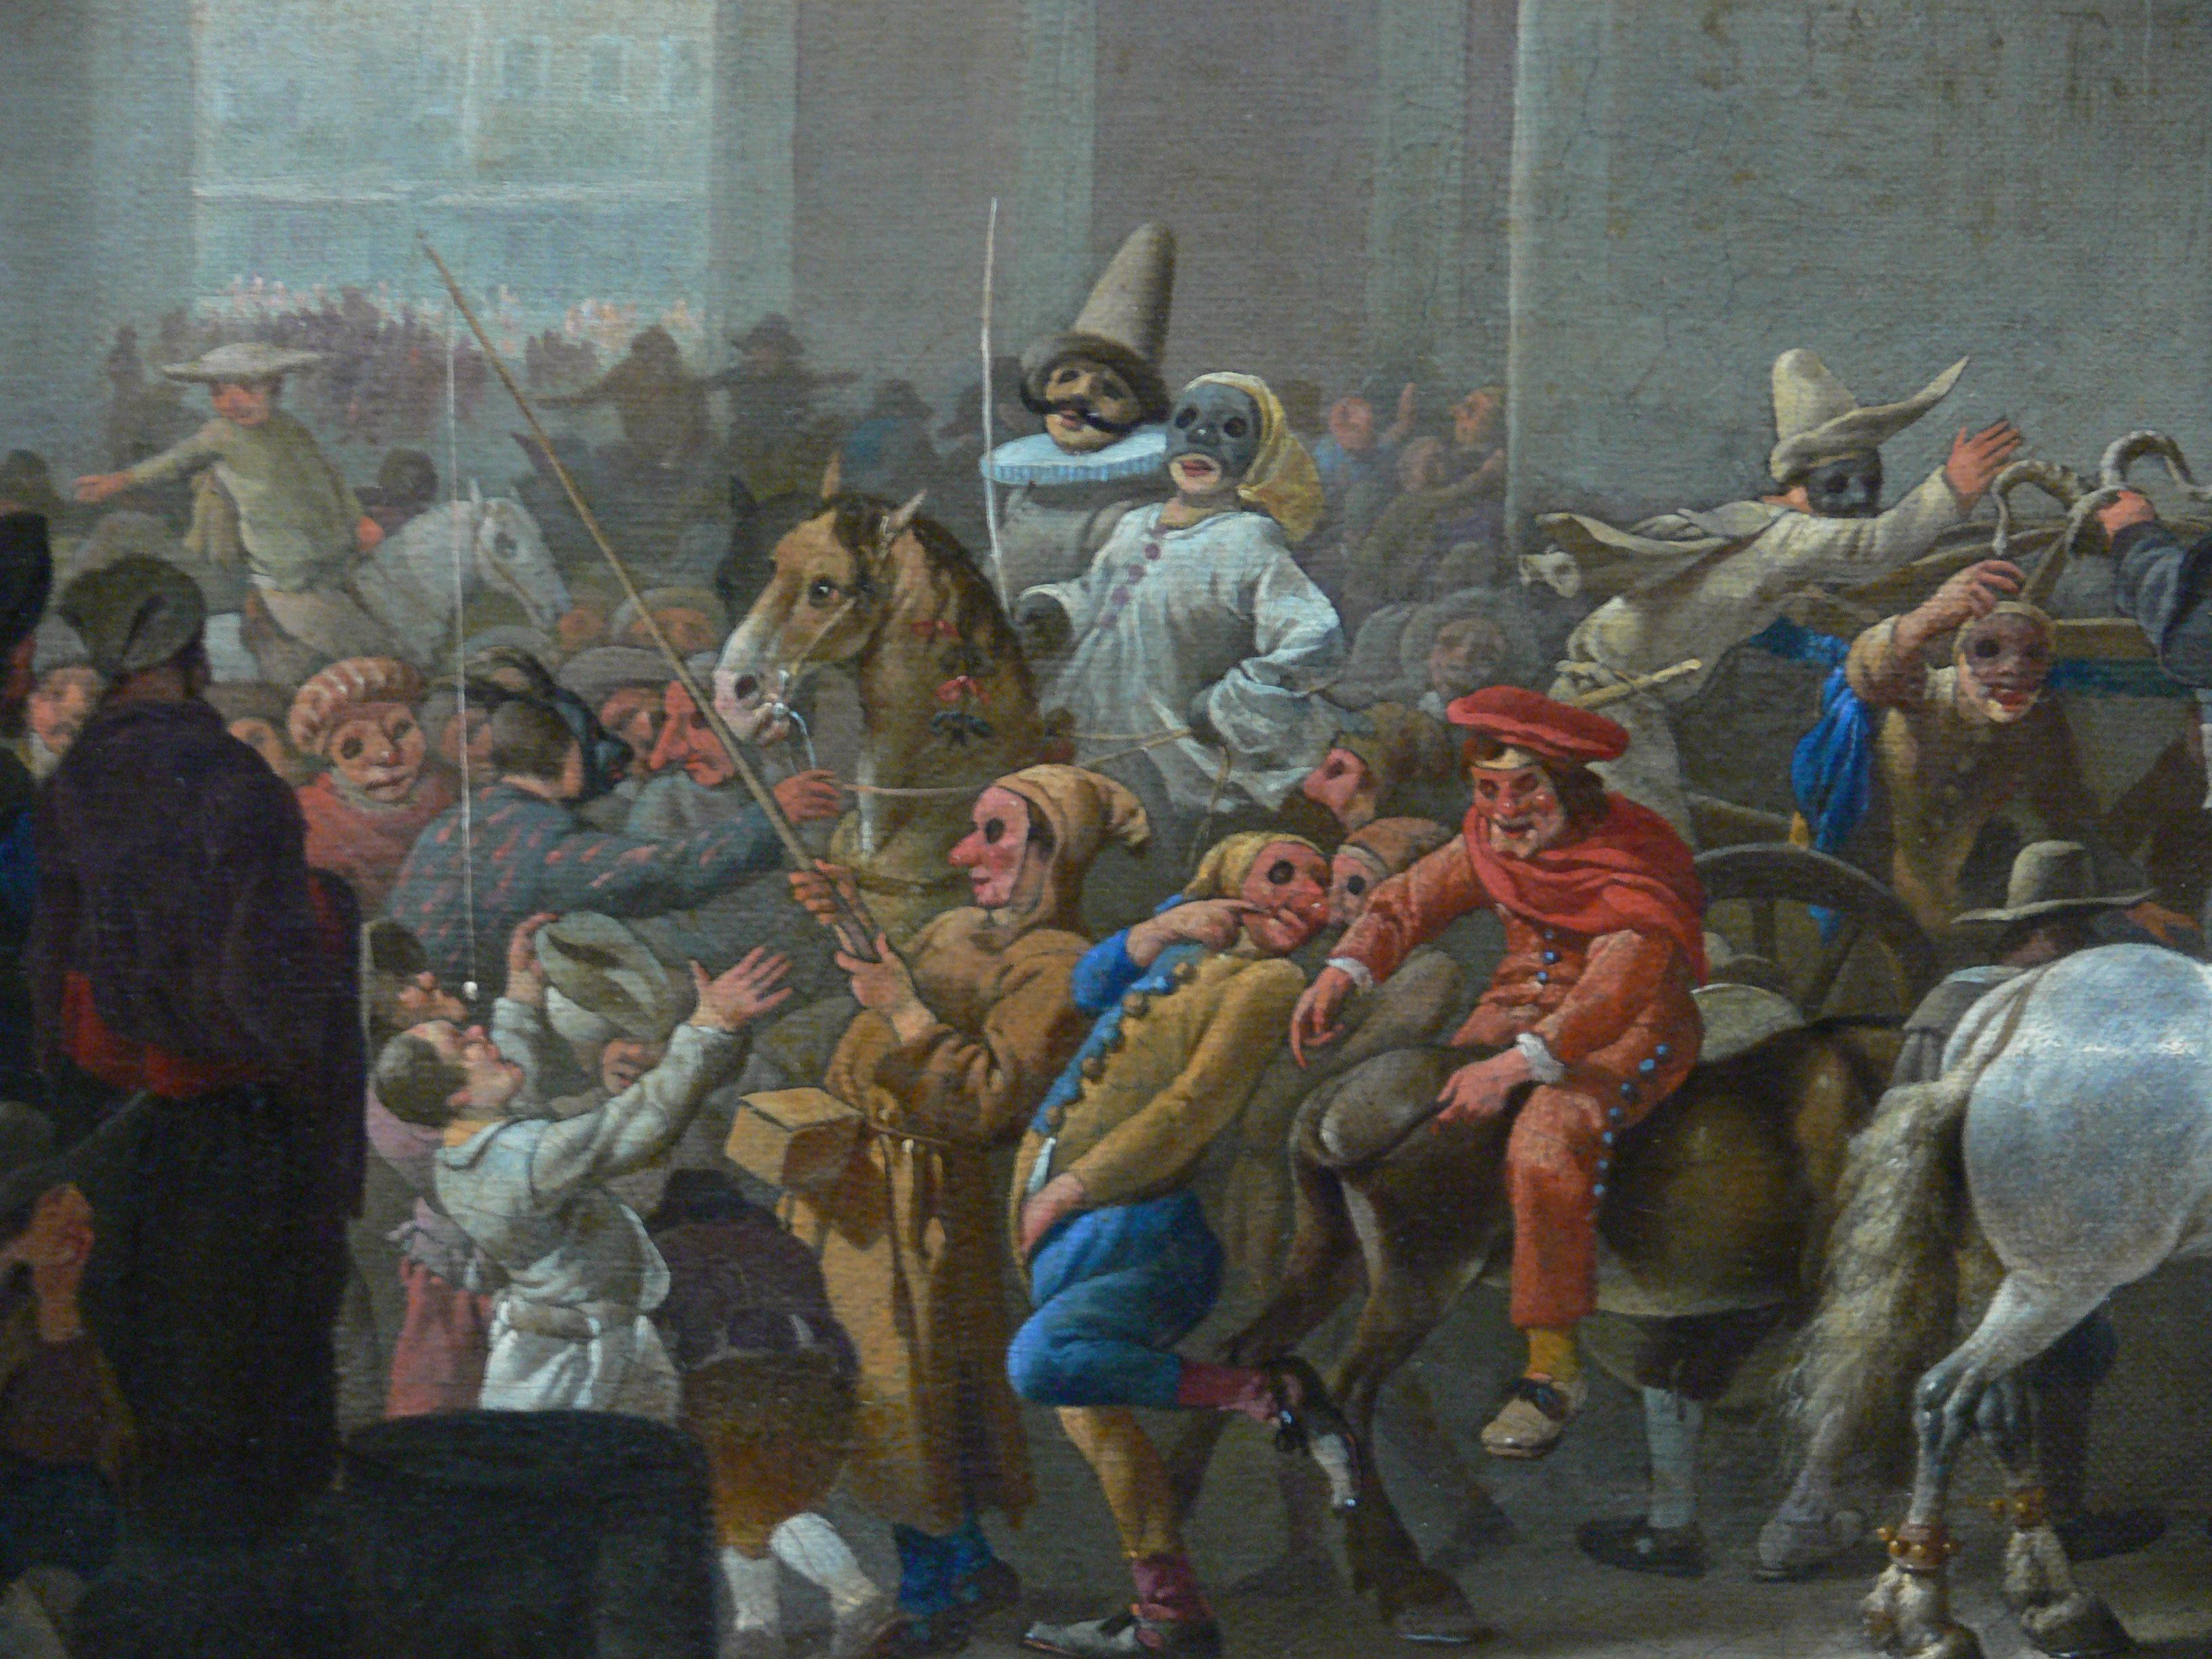 Depiction of Carnaval